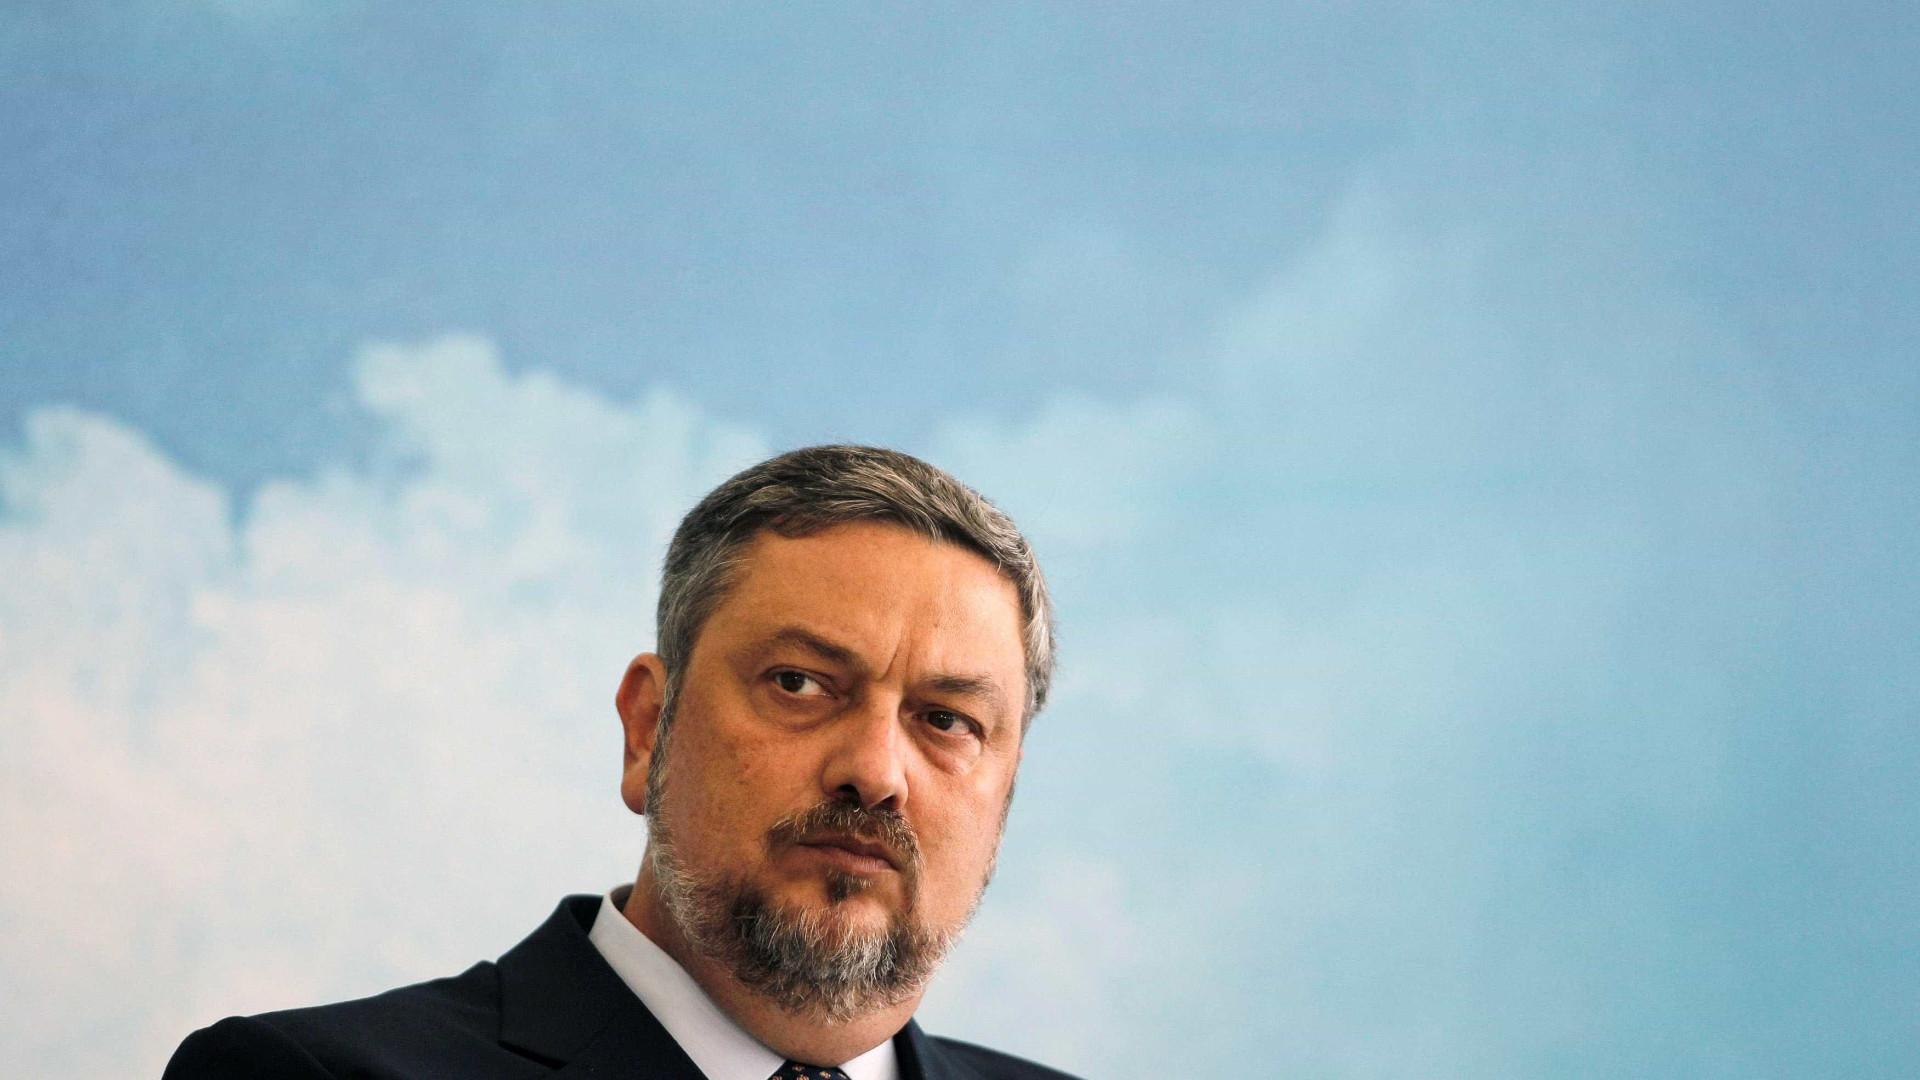 Palocci cita reunião com Lula, Dilma e Gabrielli para acertar propina